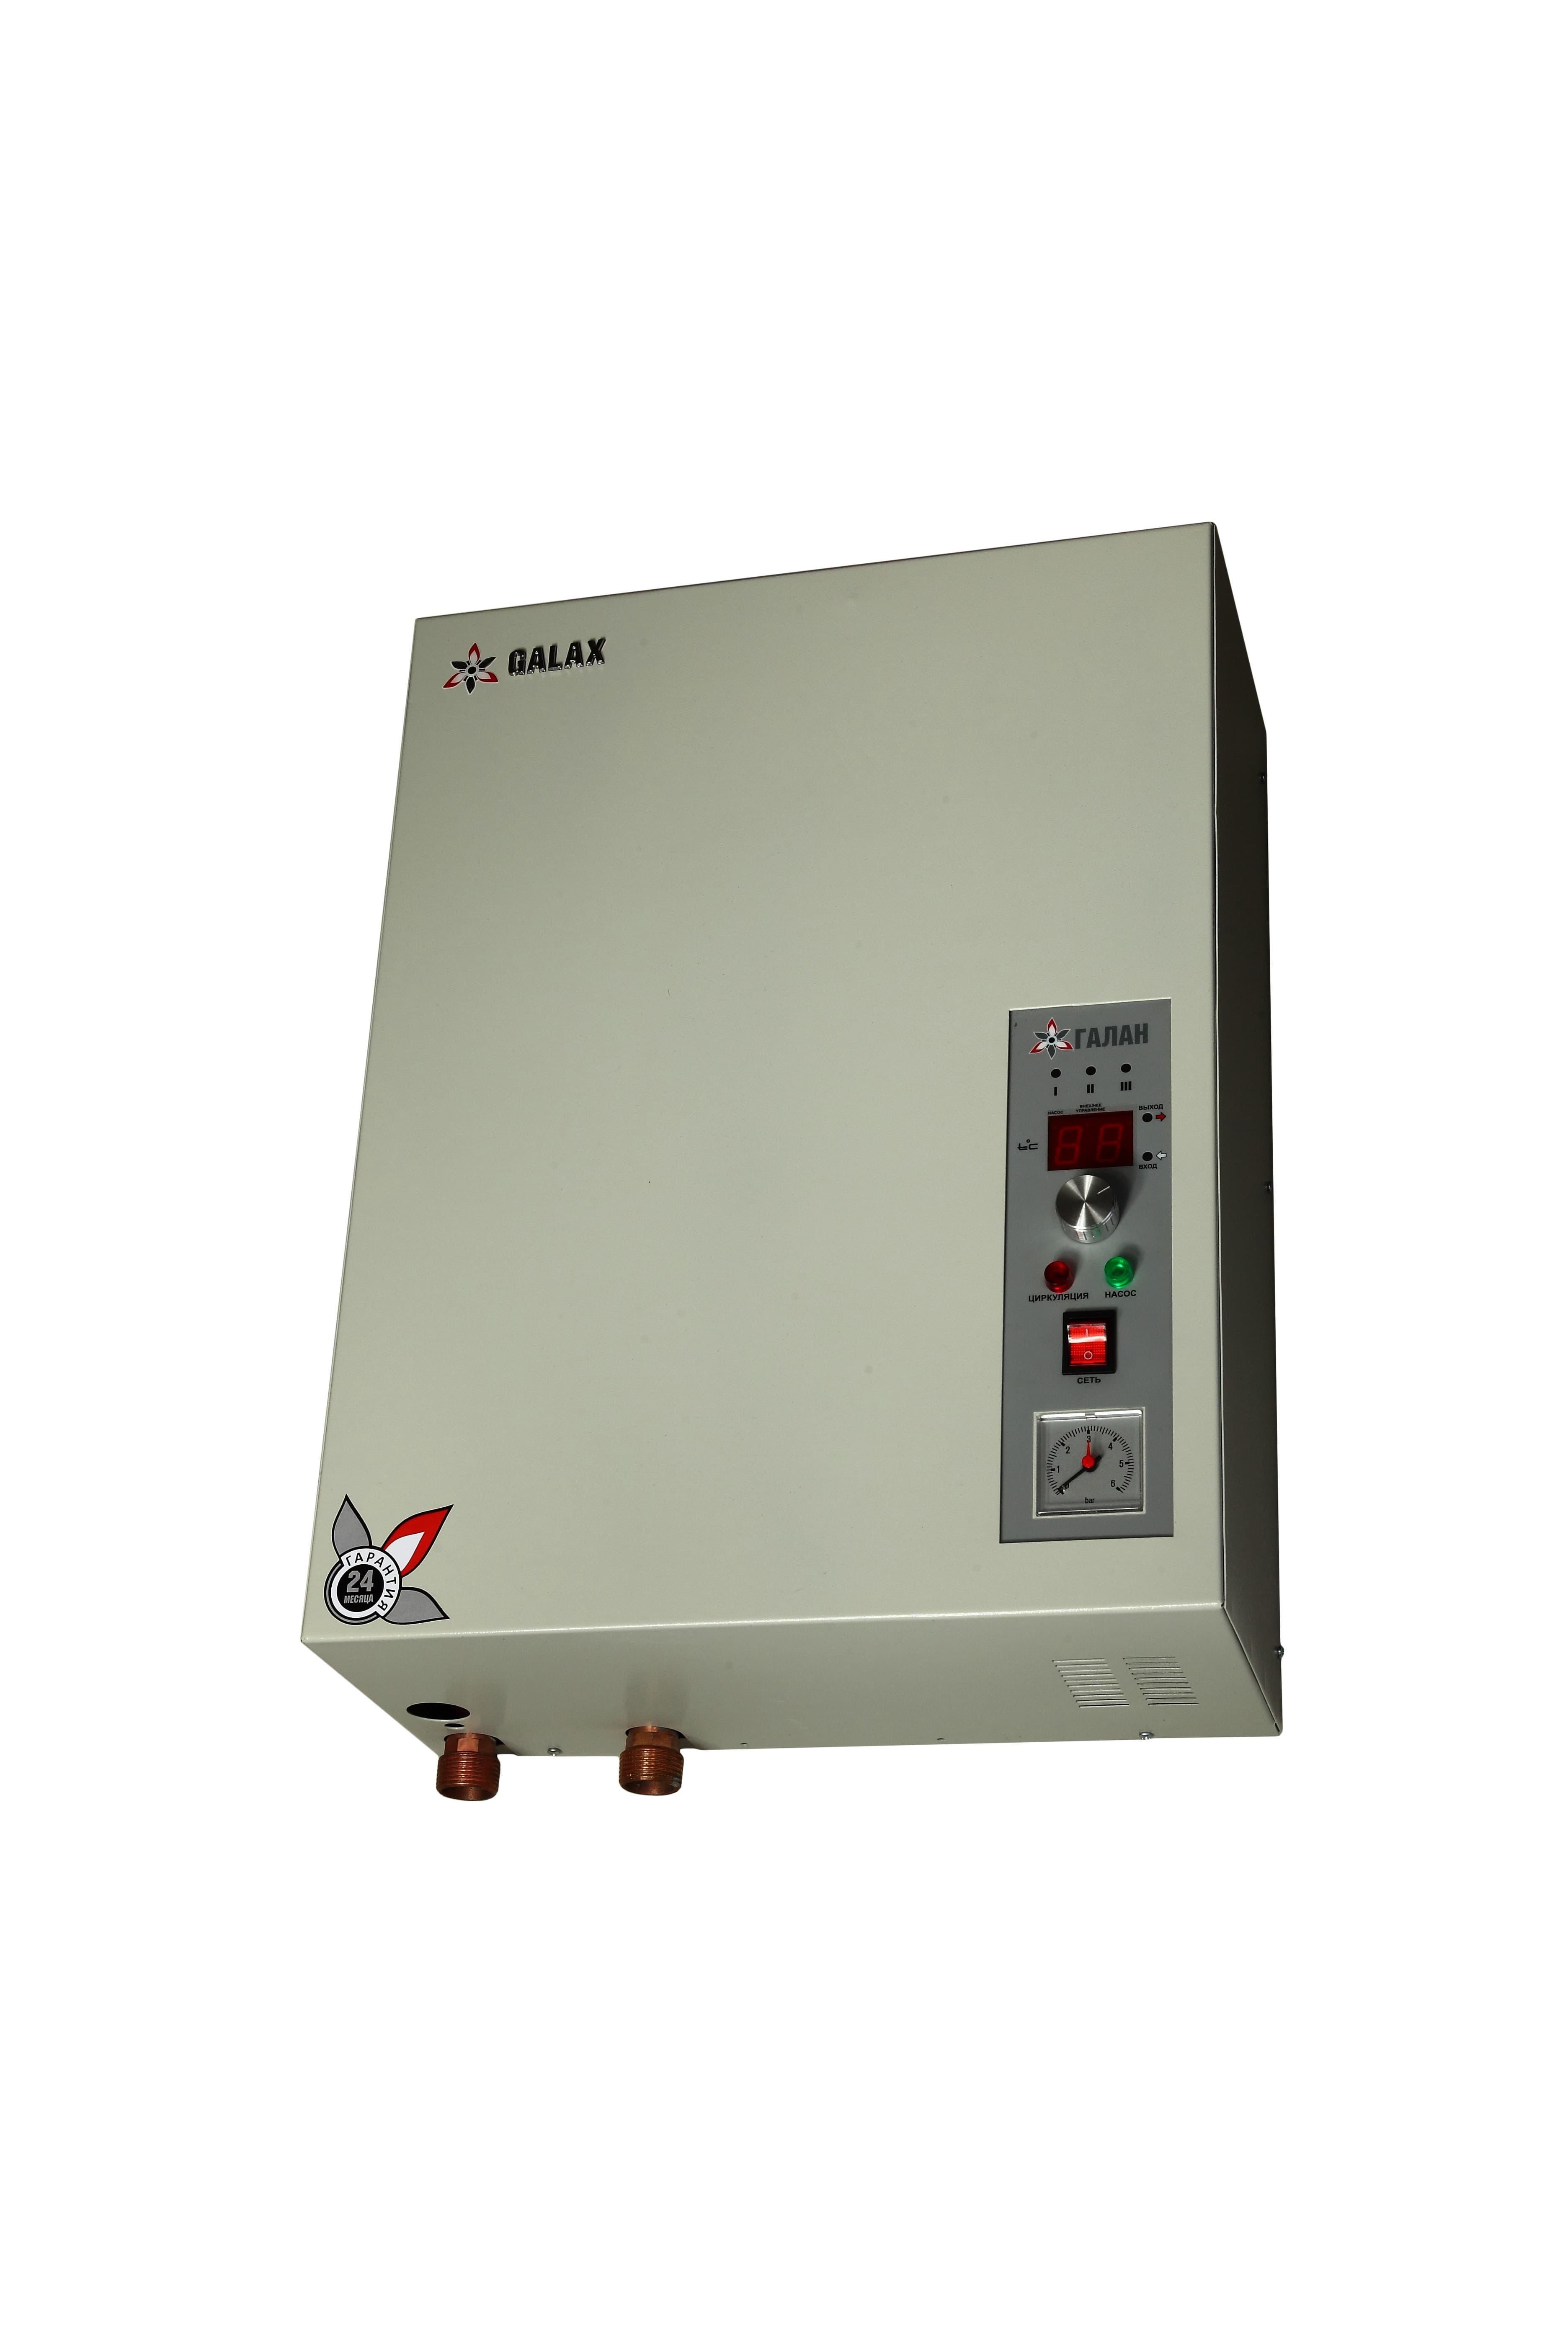 Галакс 9 (9 кВт) - Электрический ТЭНовый отопительный котел